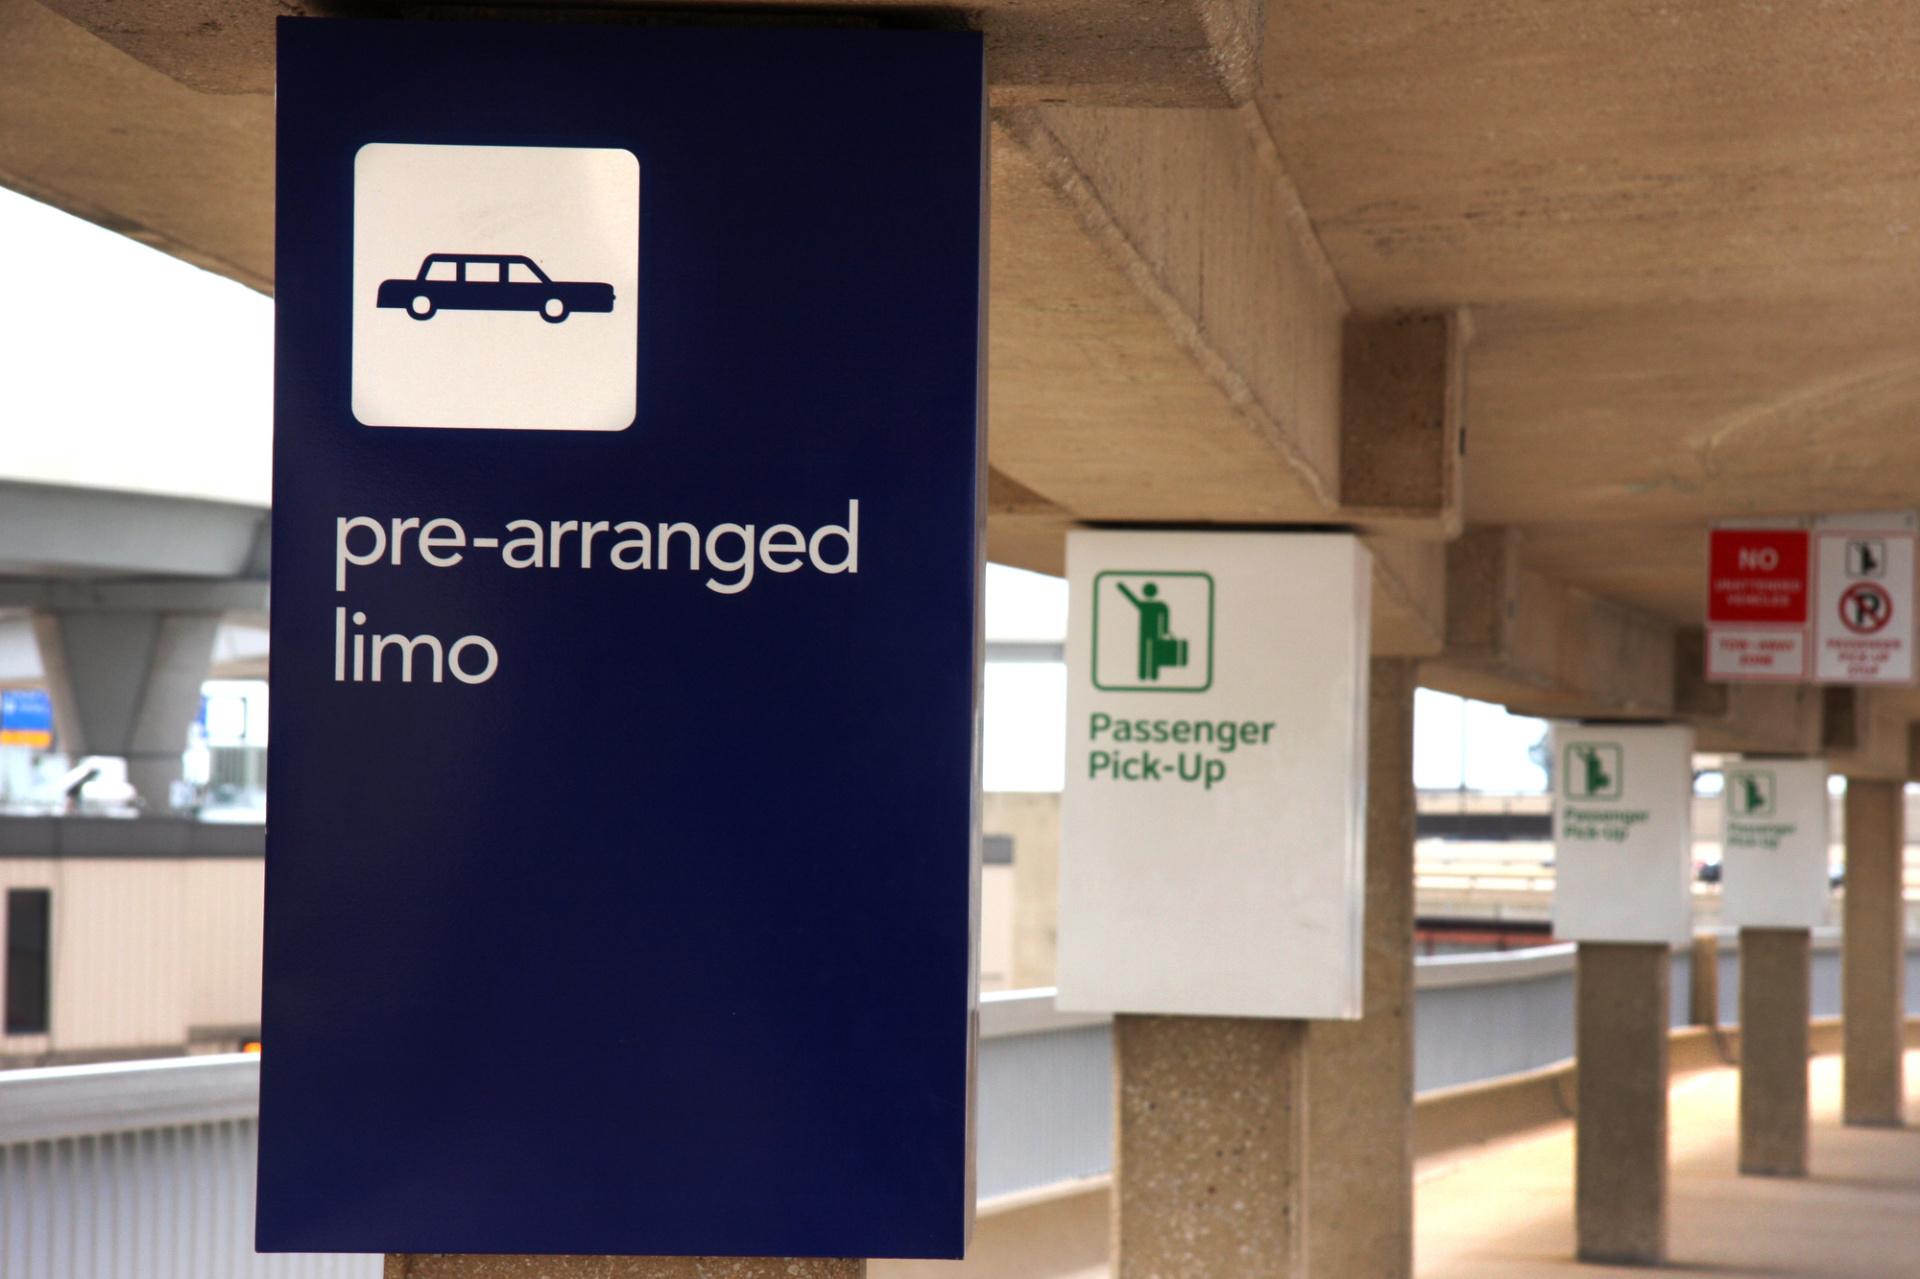 Airport Limo Pre Arrange Services